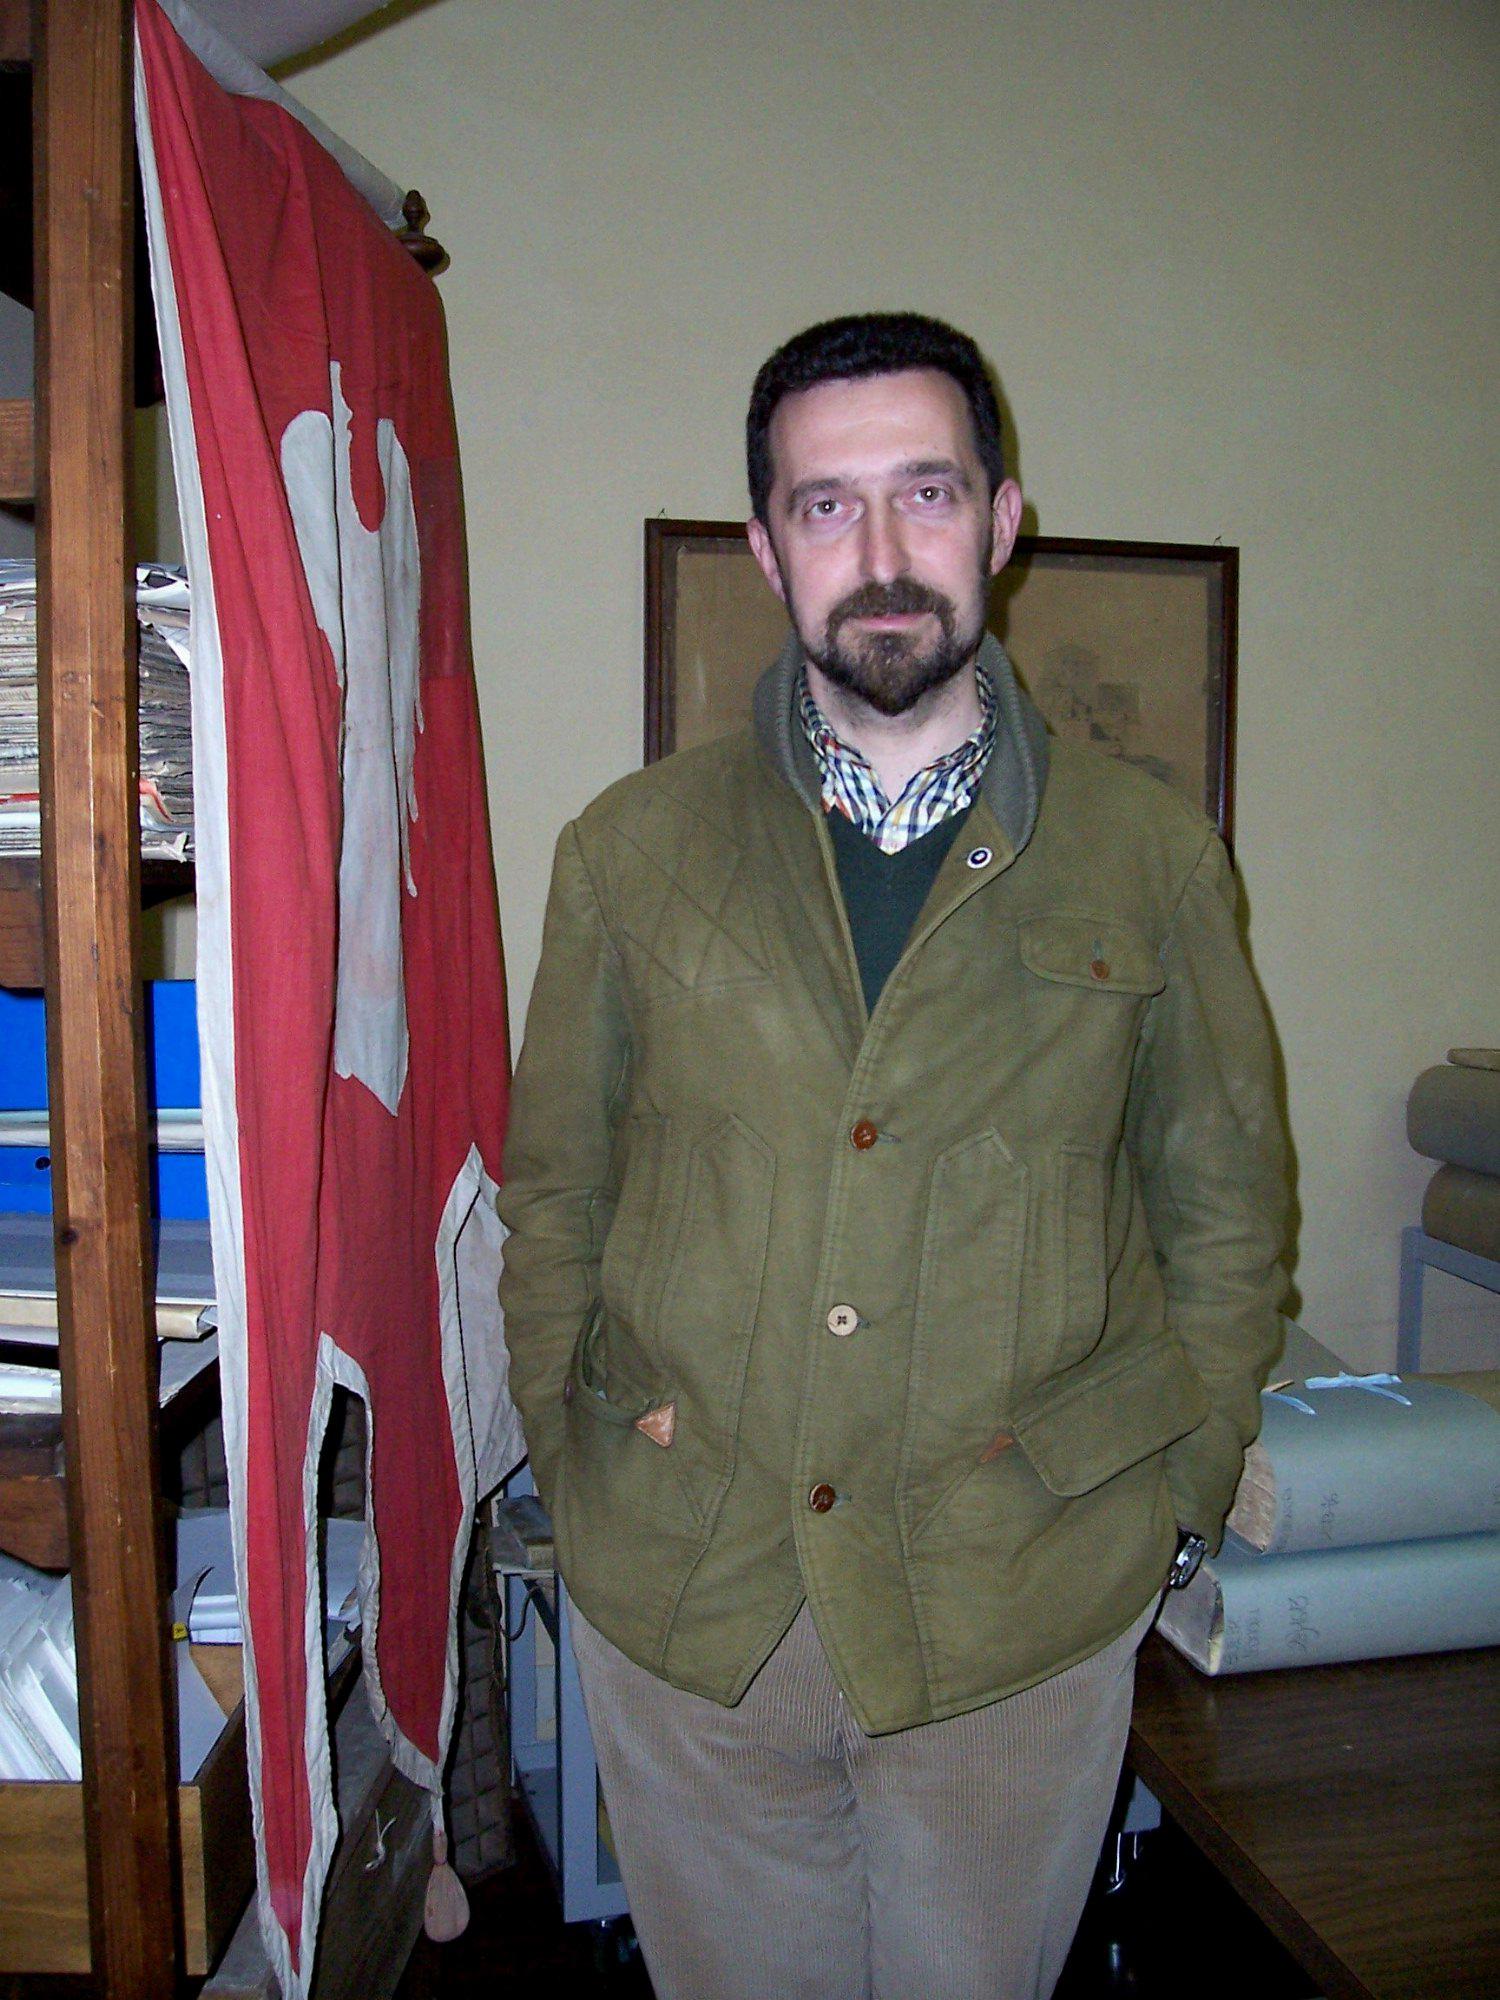 http://www.operatoday.com/Filippo_Orsini.png